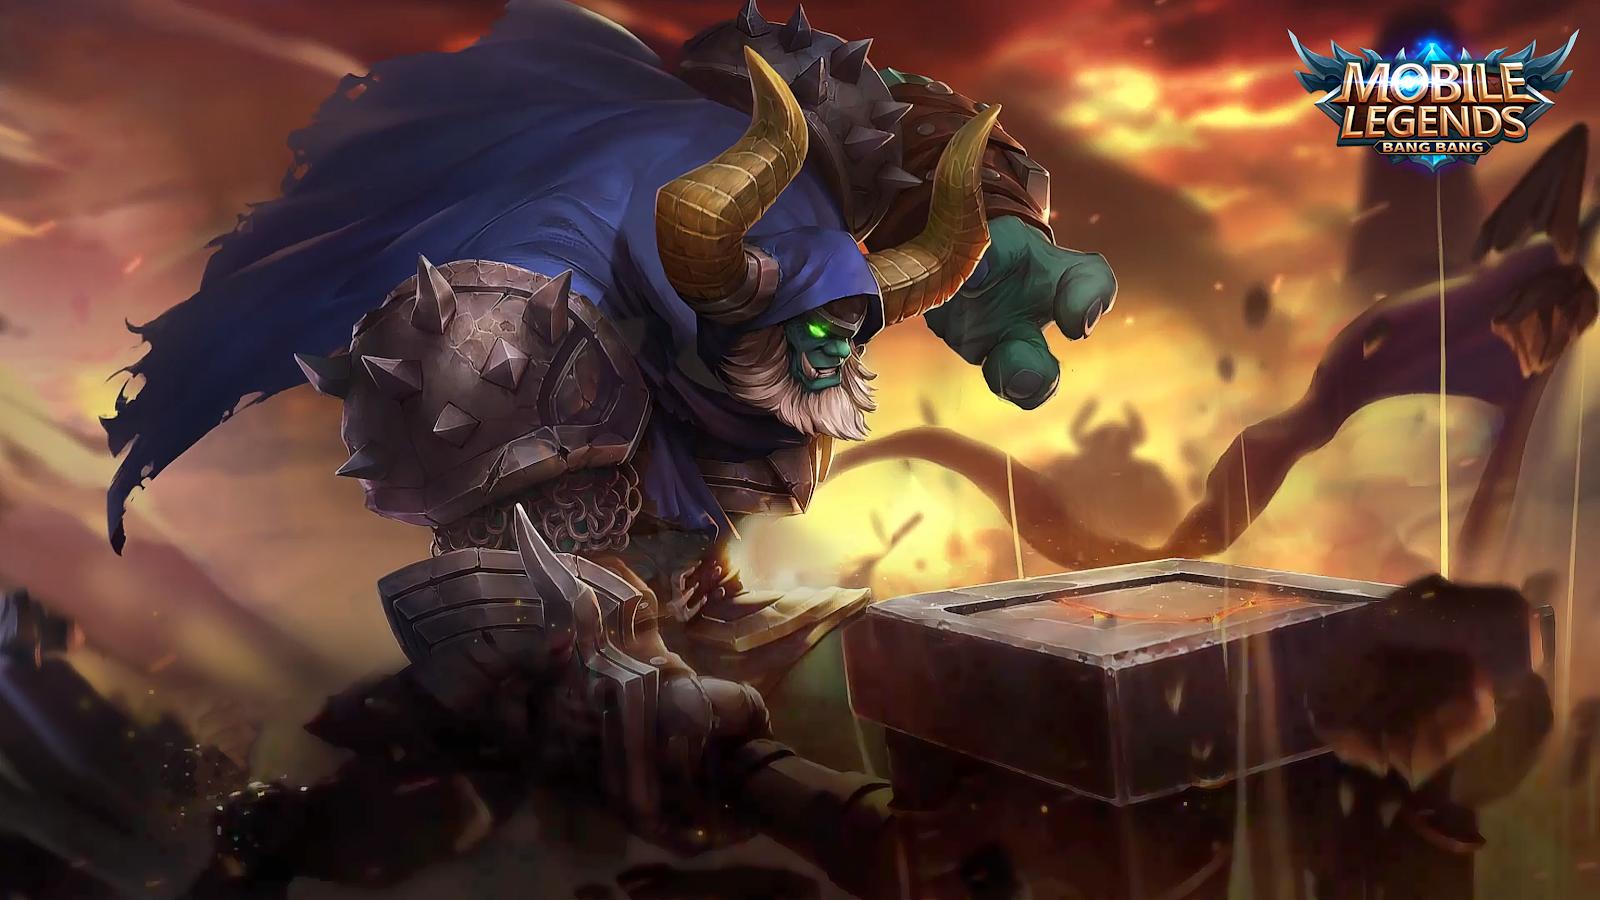 las fortalezas y debilidades de Minotaur Mobile Legends